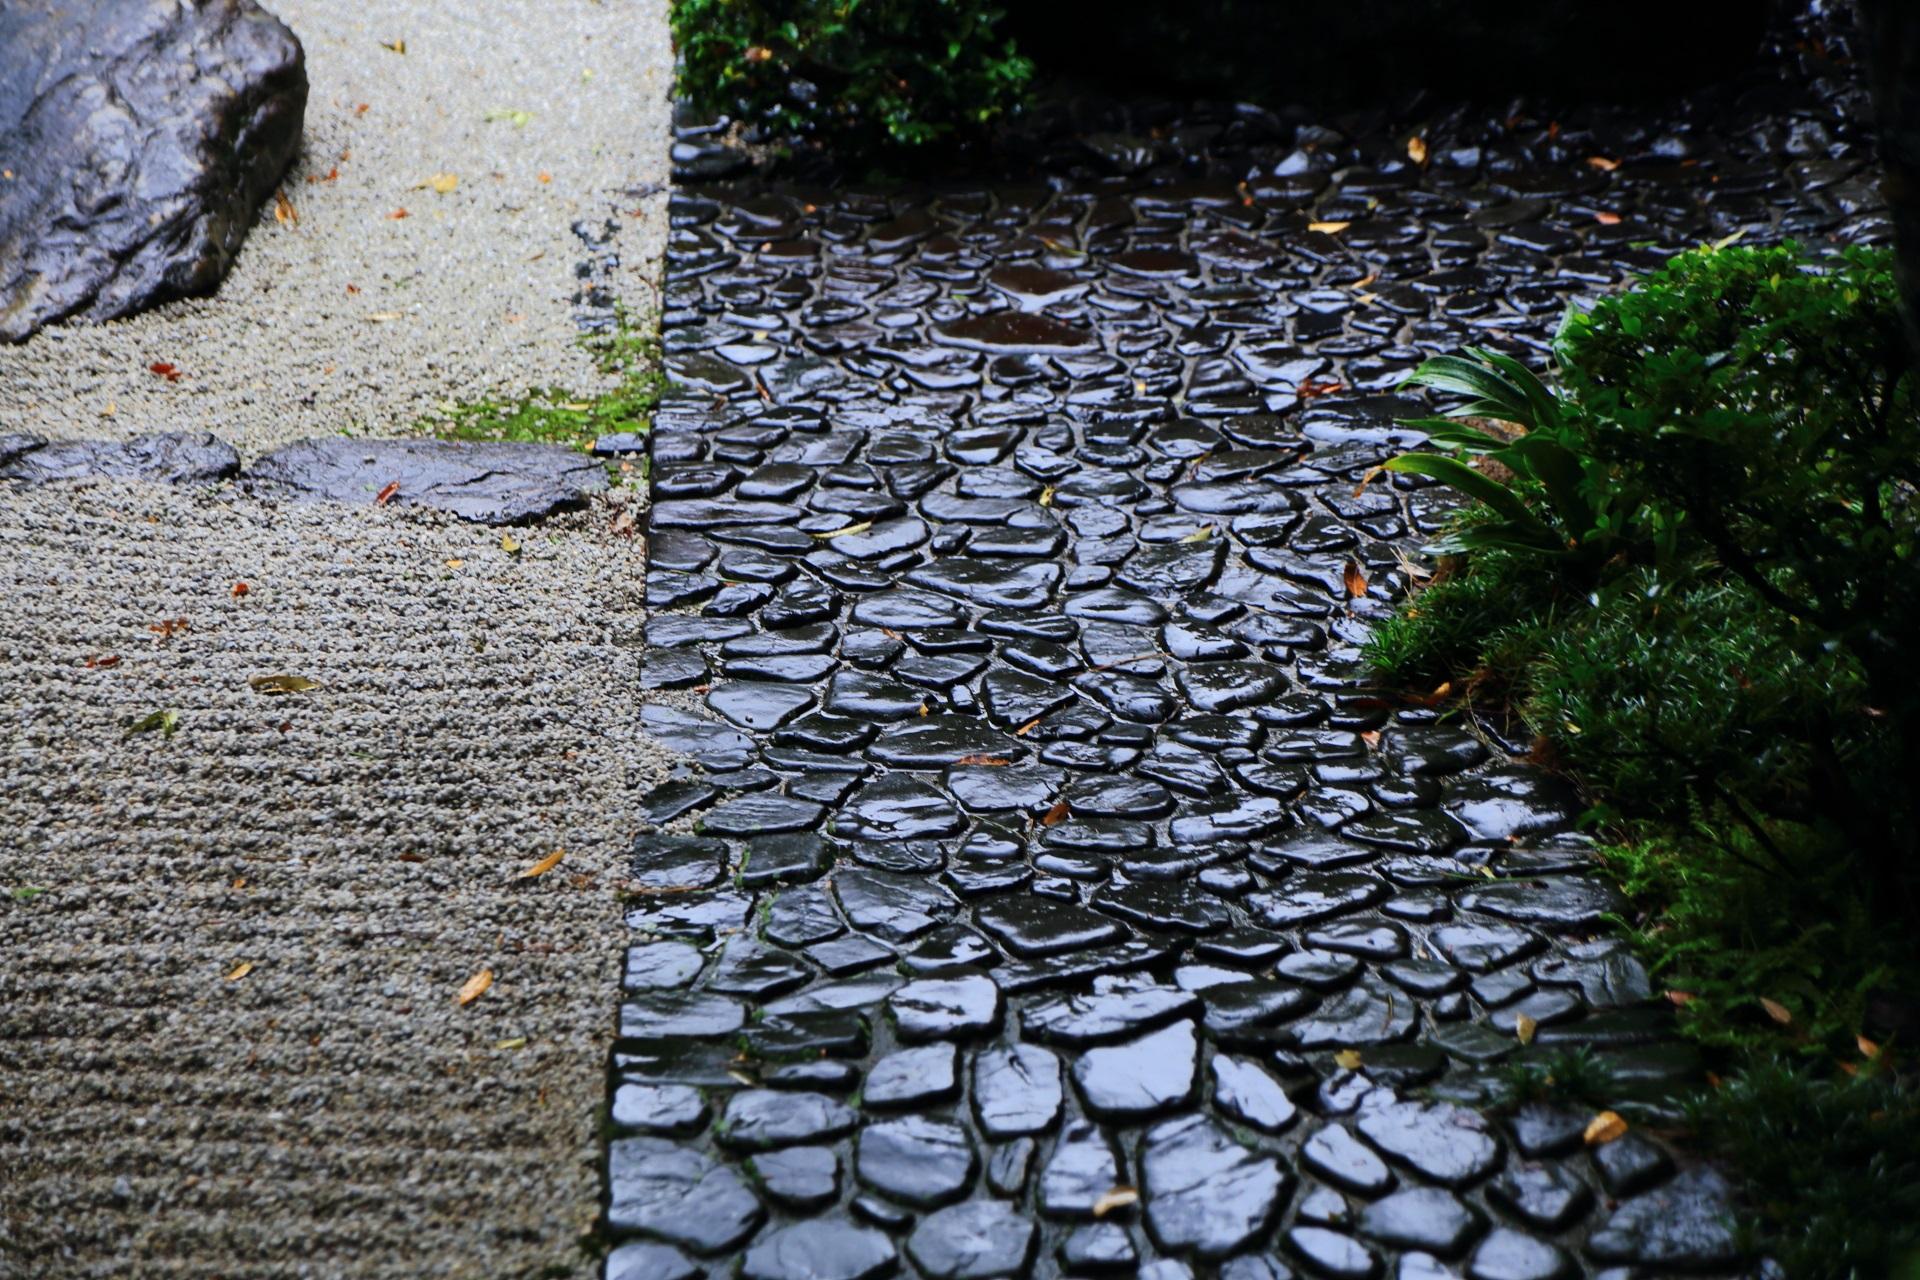 雨に濡れて風情がます石畳